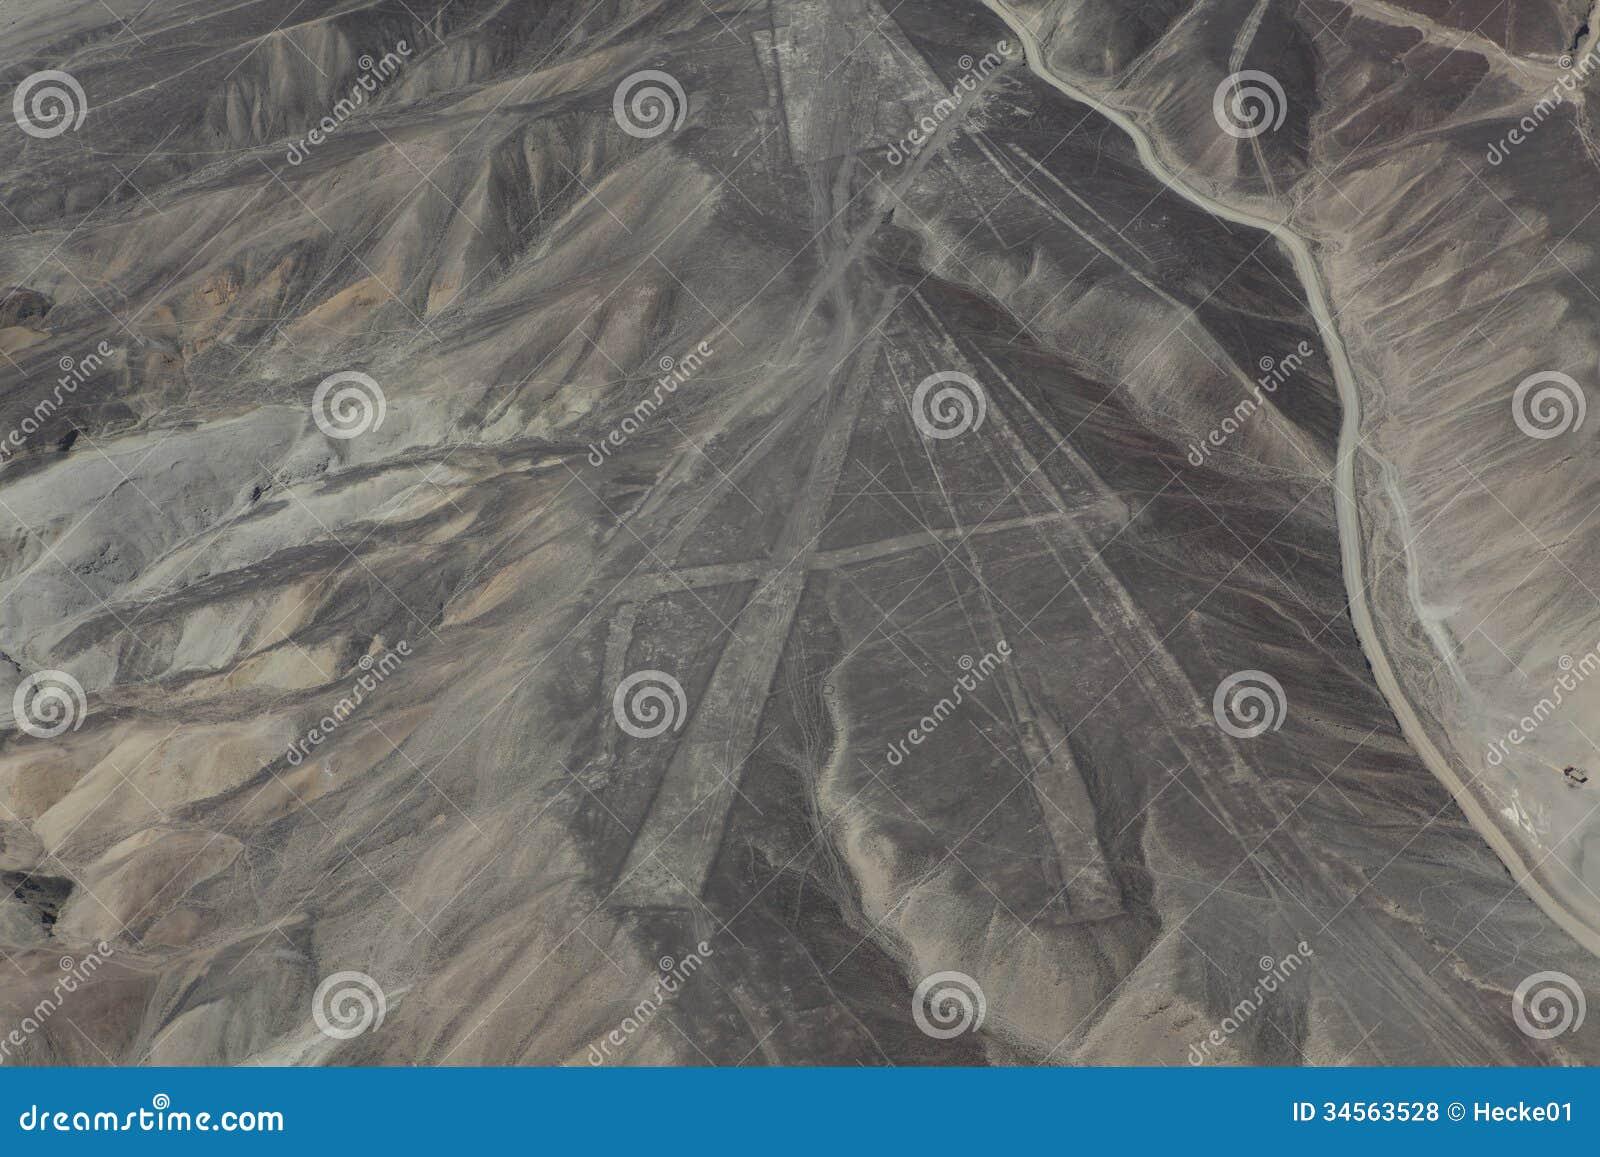 The Nazca Lines in Peru